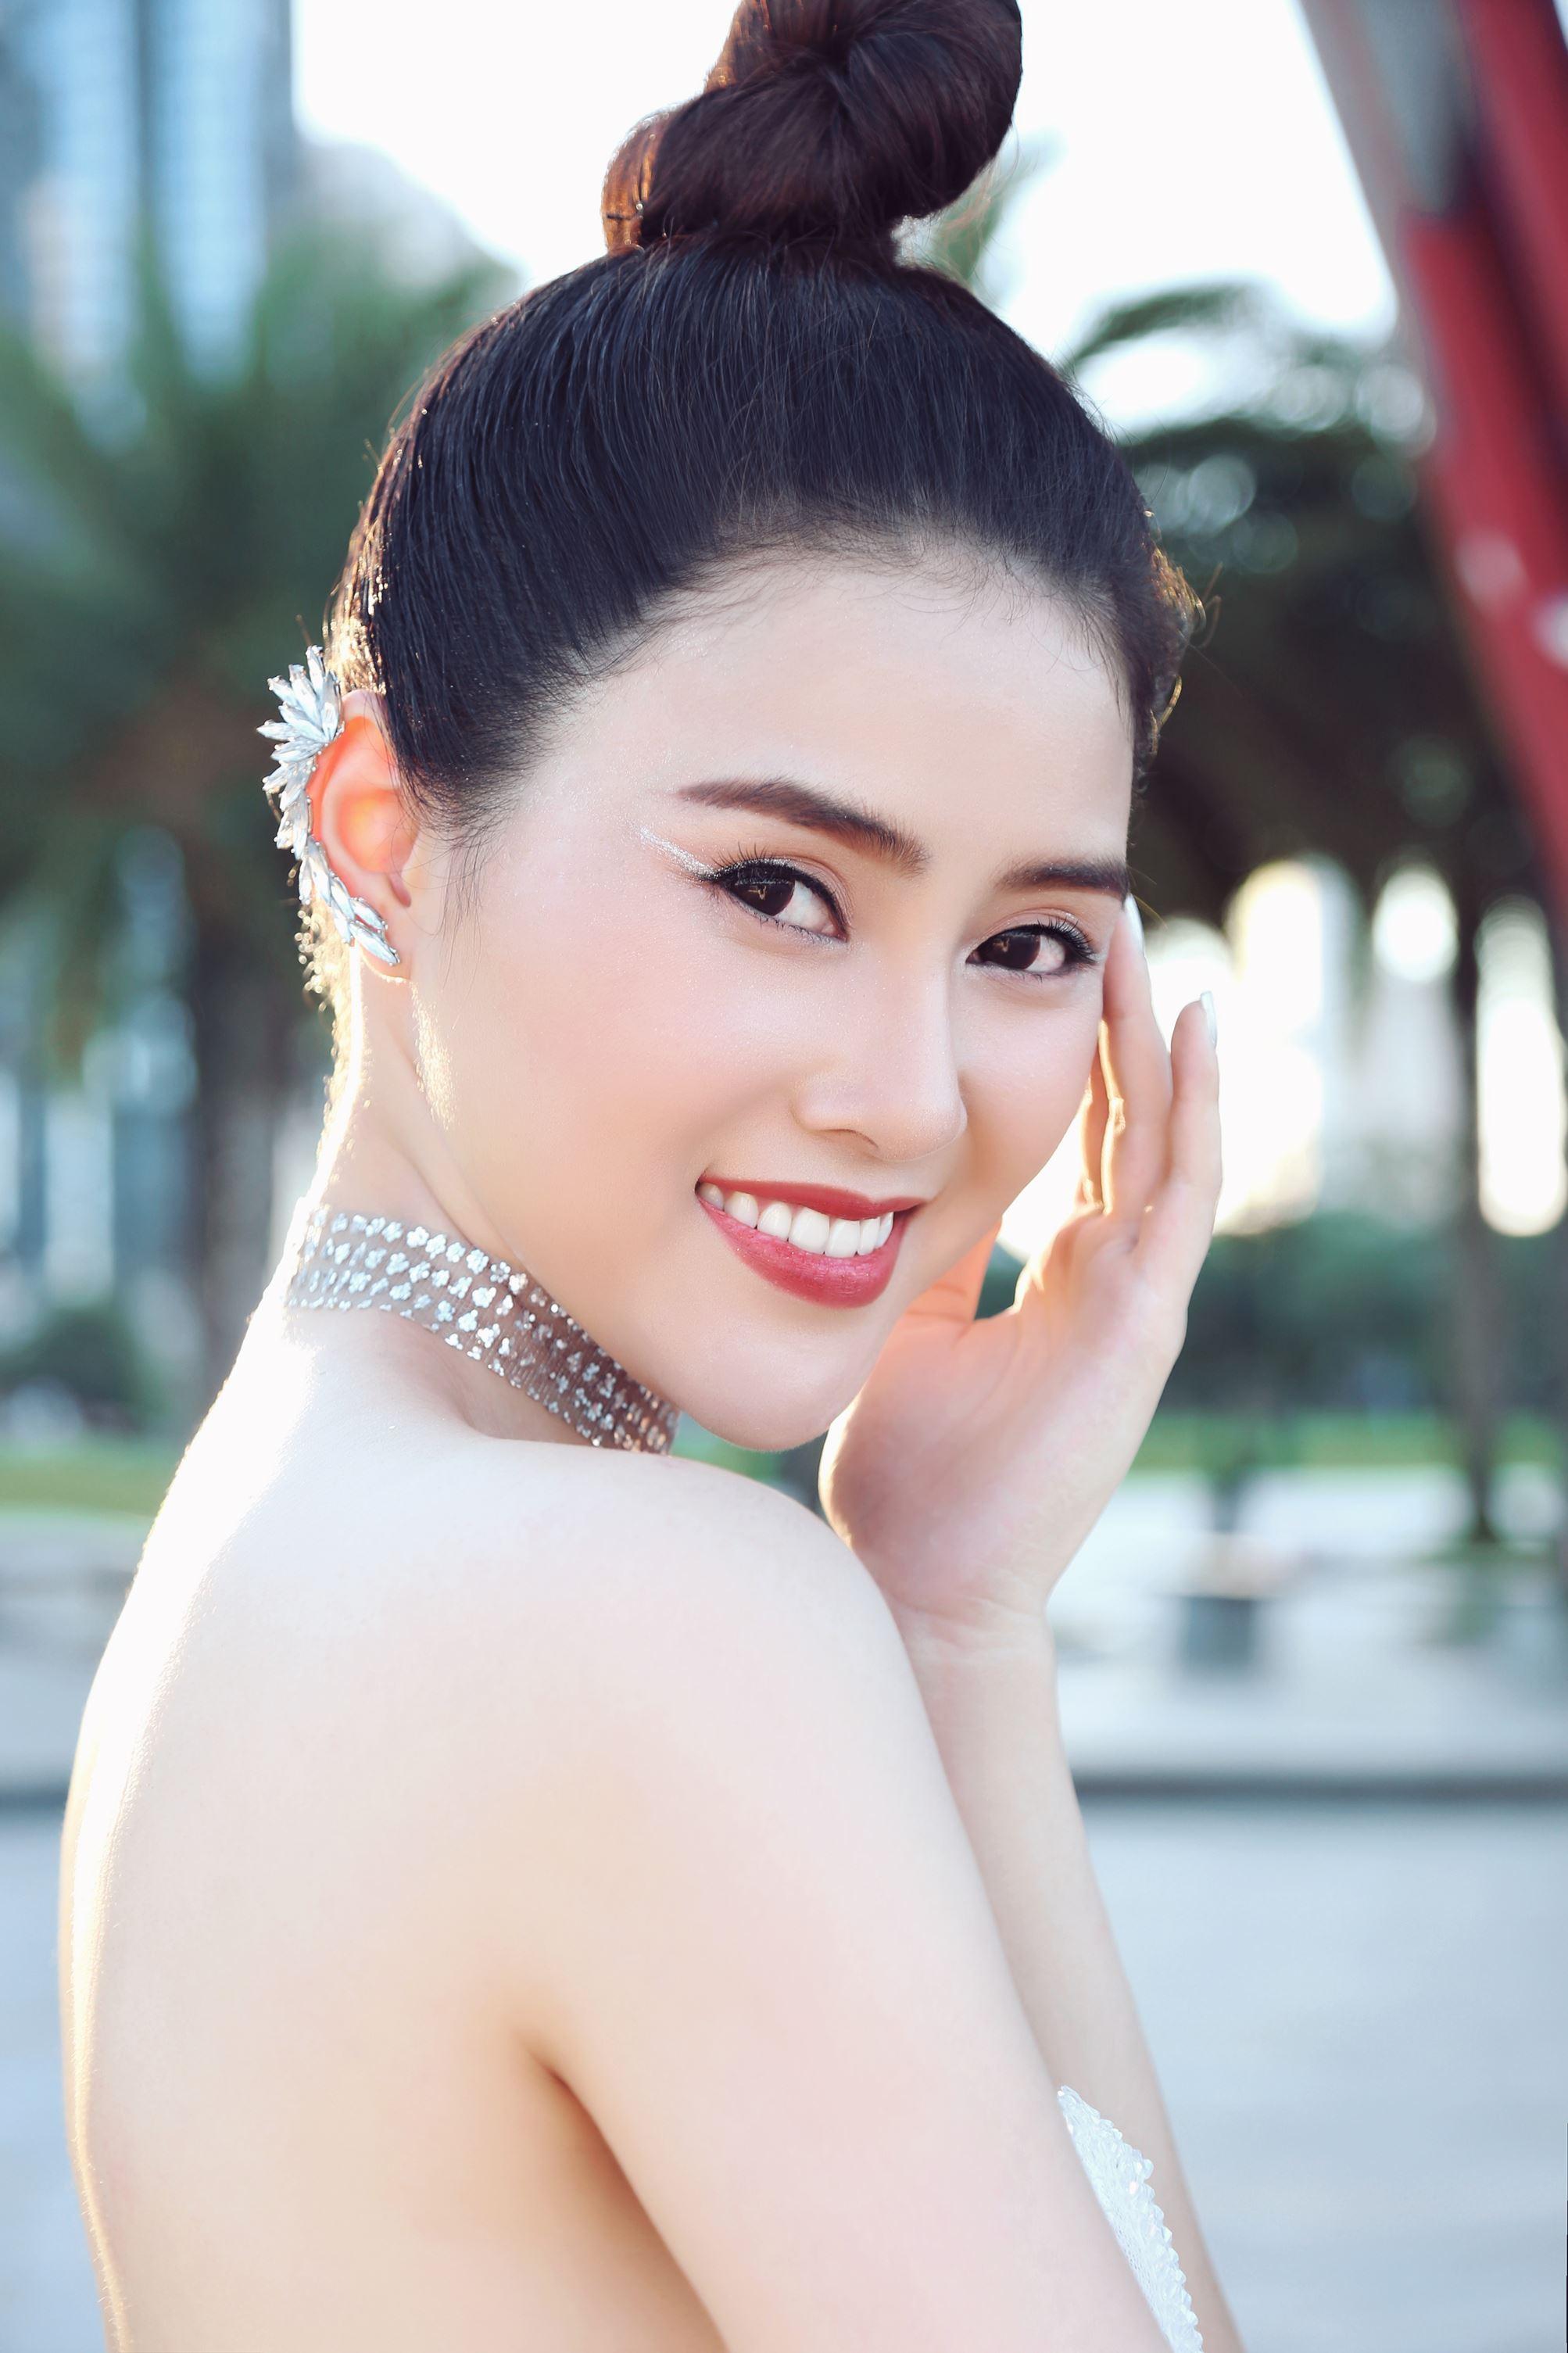 Á hậu Lý Kim Thảo khoe nhan sắc quyến rũ với trang phục gợi cảm - Hình 7